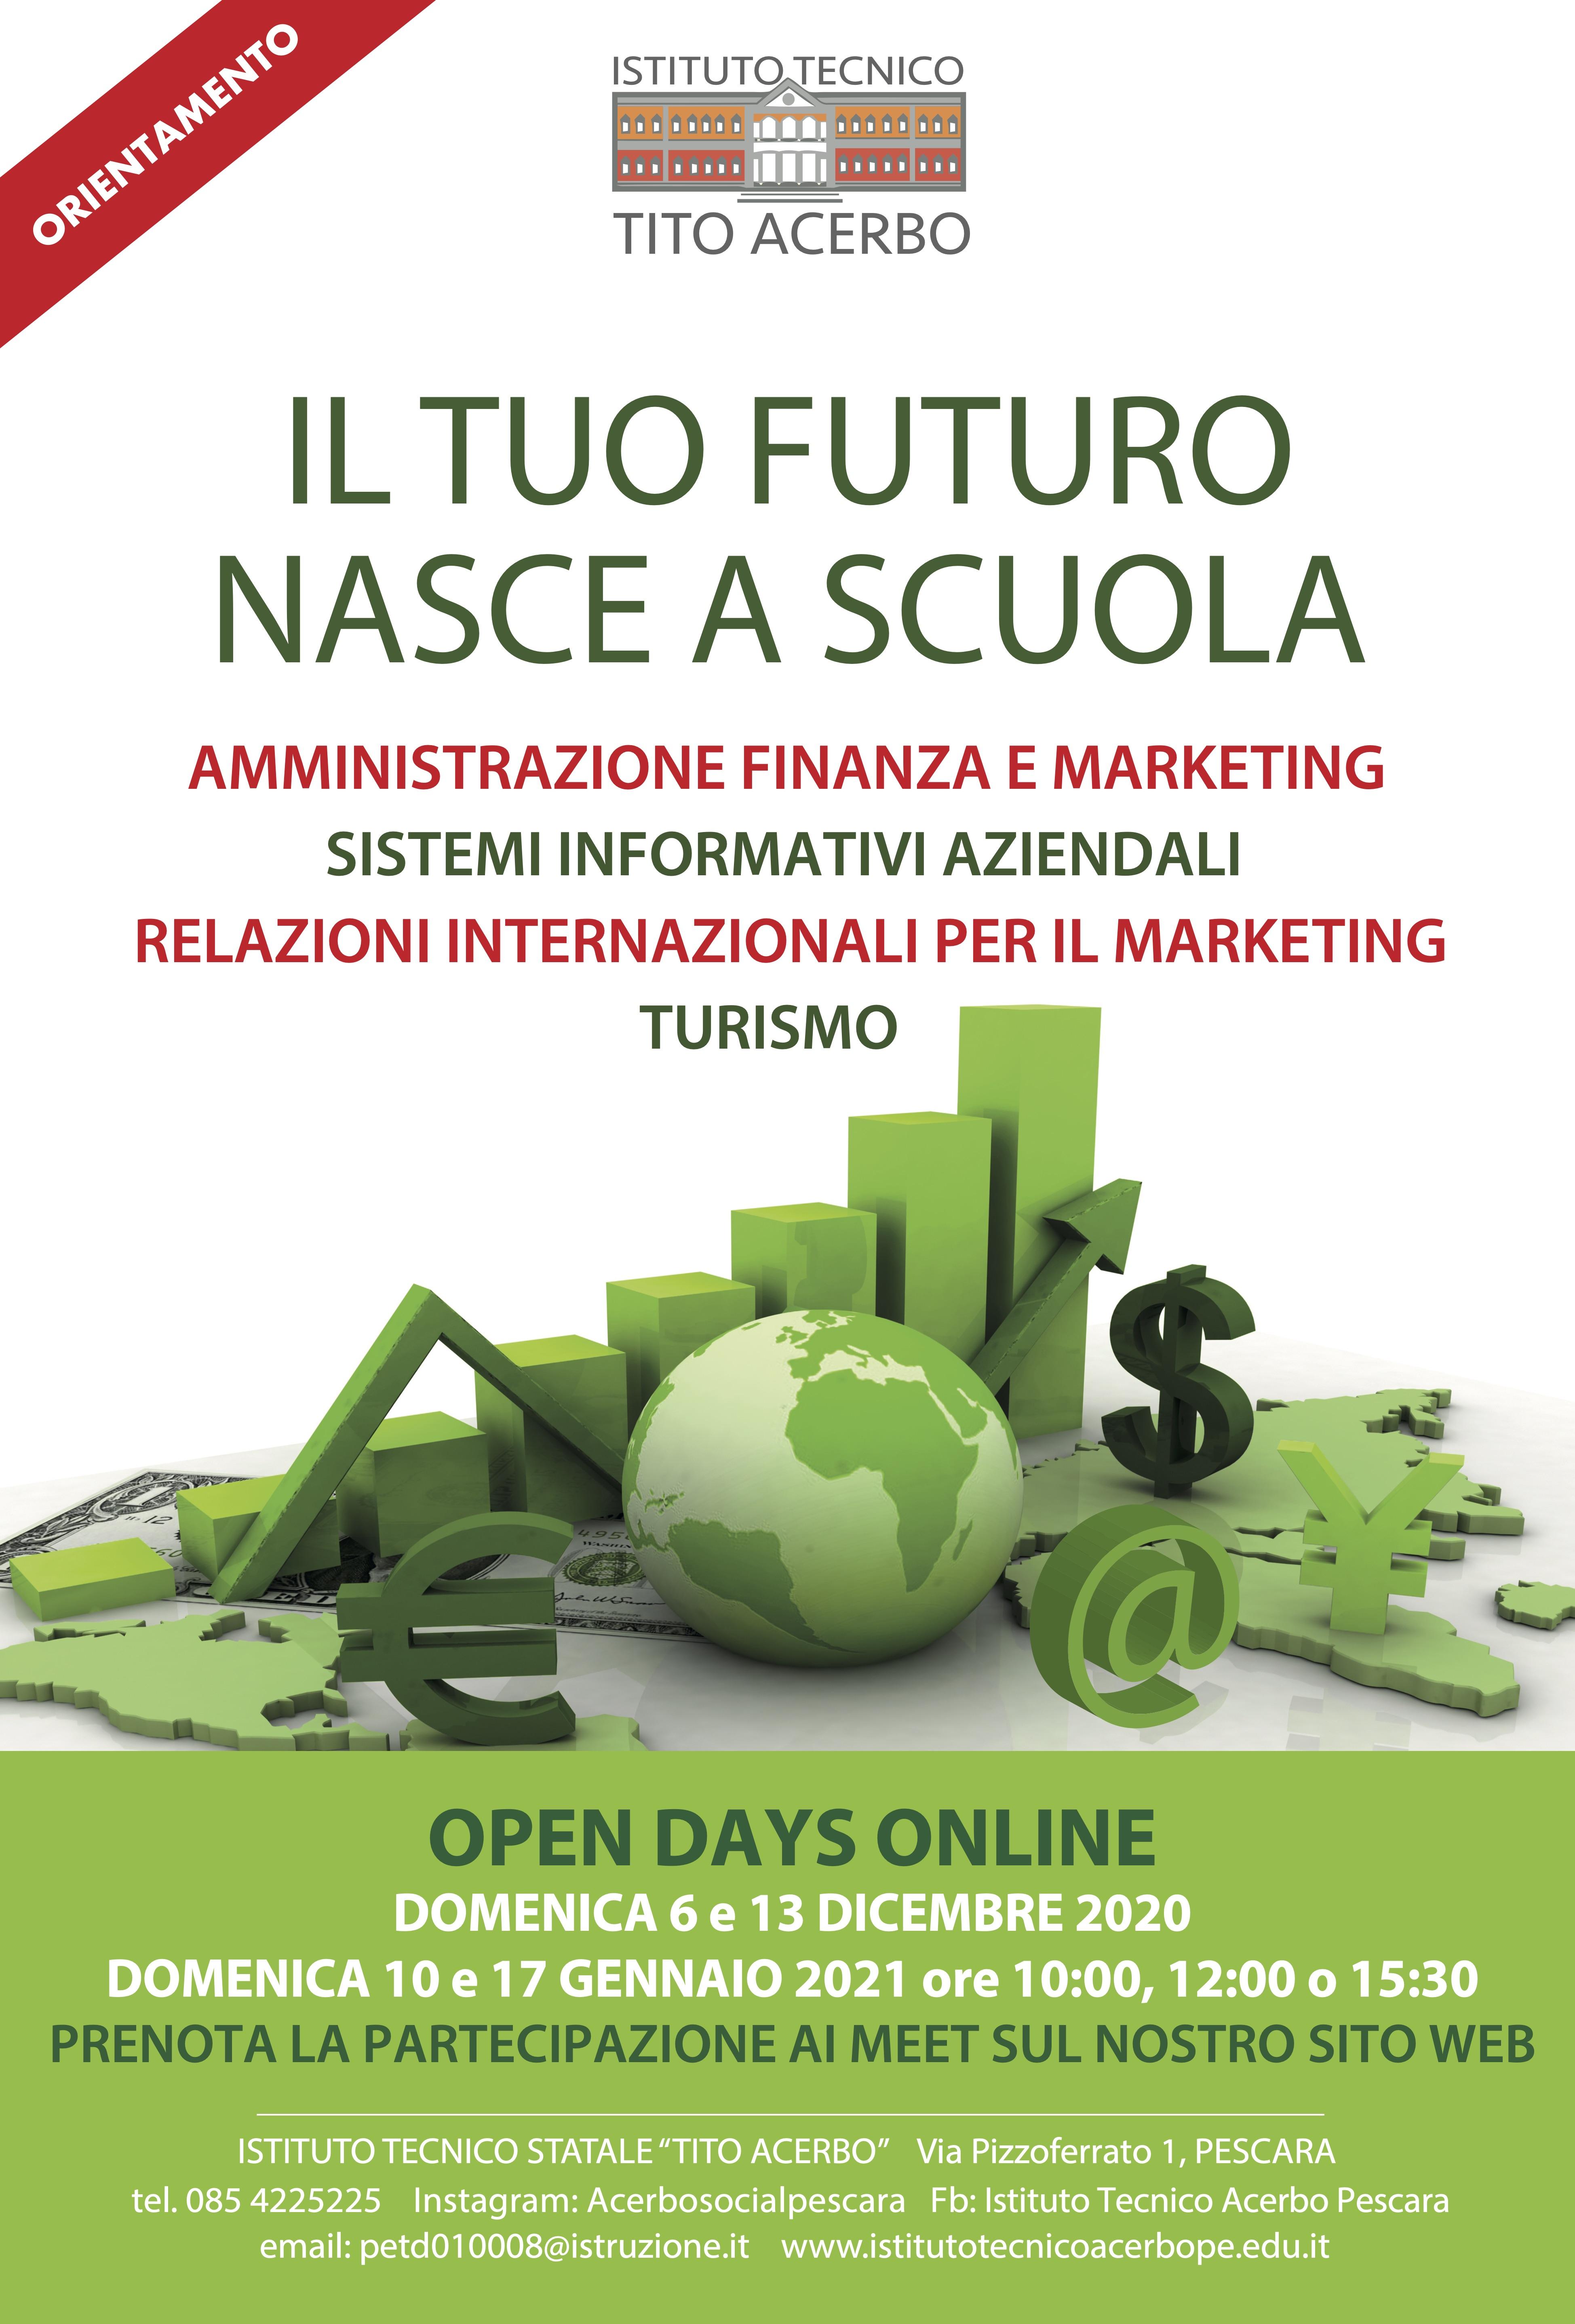 banner dell'Acerbo raffigurante una mela verde e la scritta mordi il tuo futuro